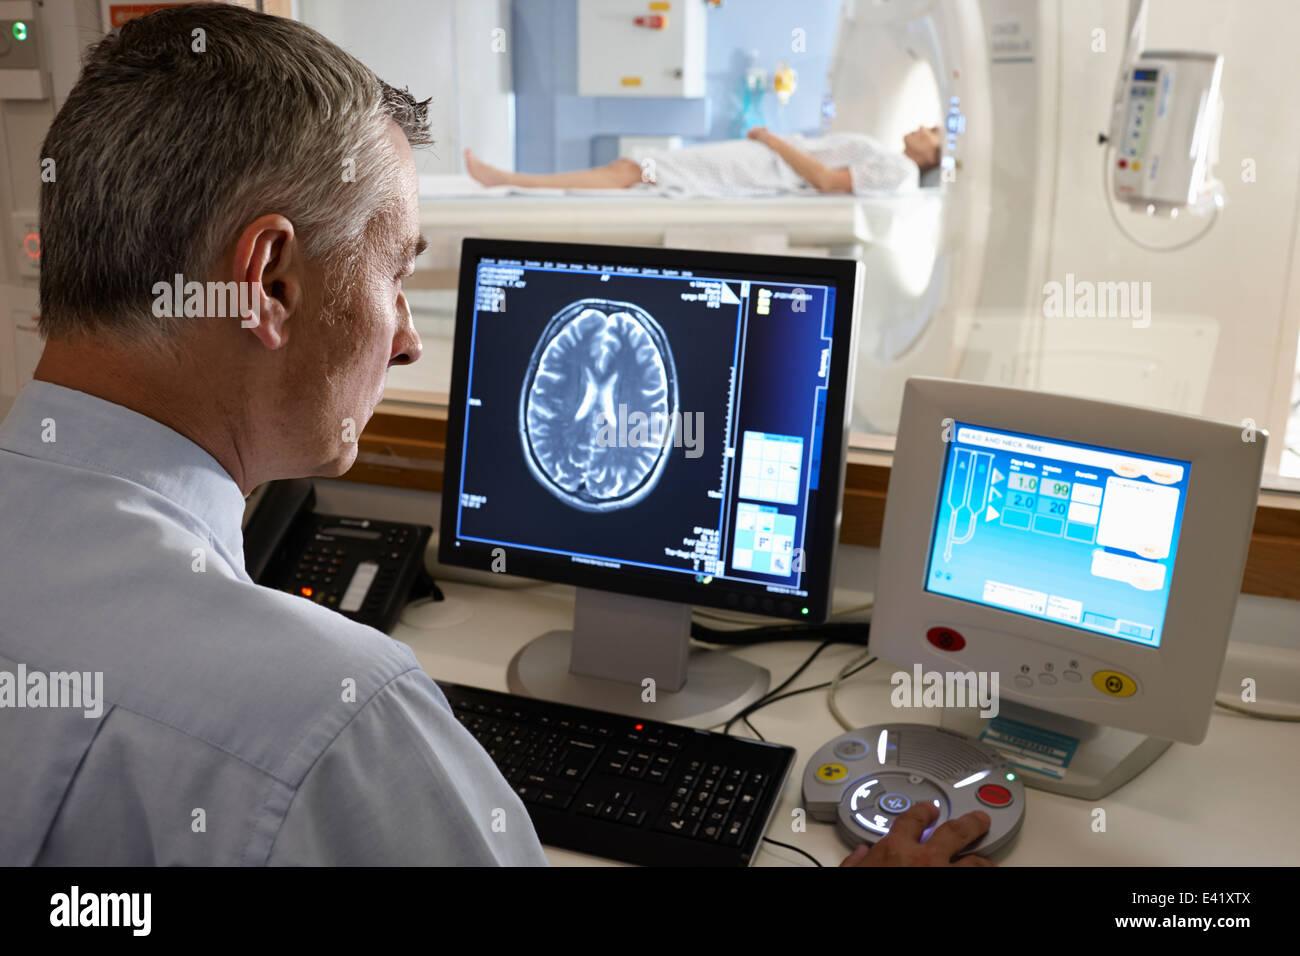 Le radiologue à cerveau à analyser une image sur l'écran de l'ordinateur Photo Stock